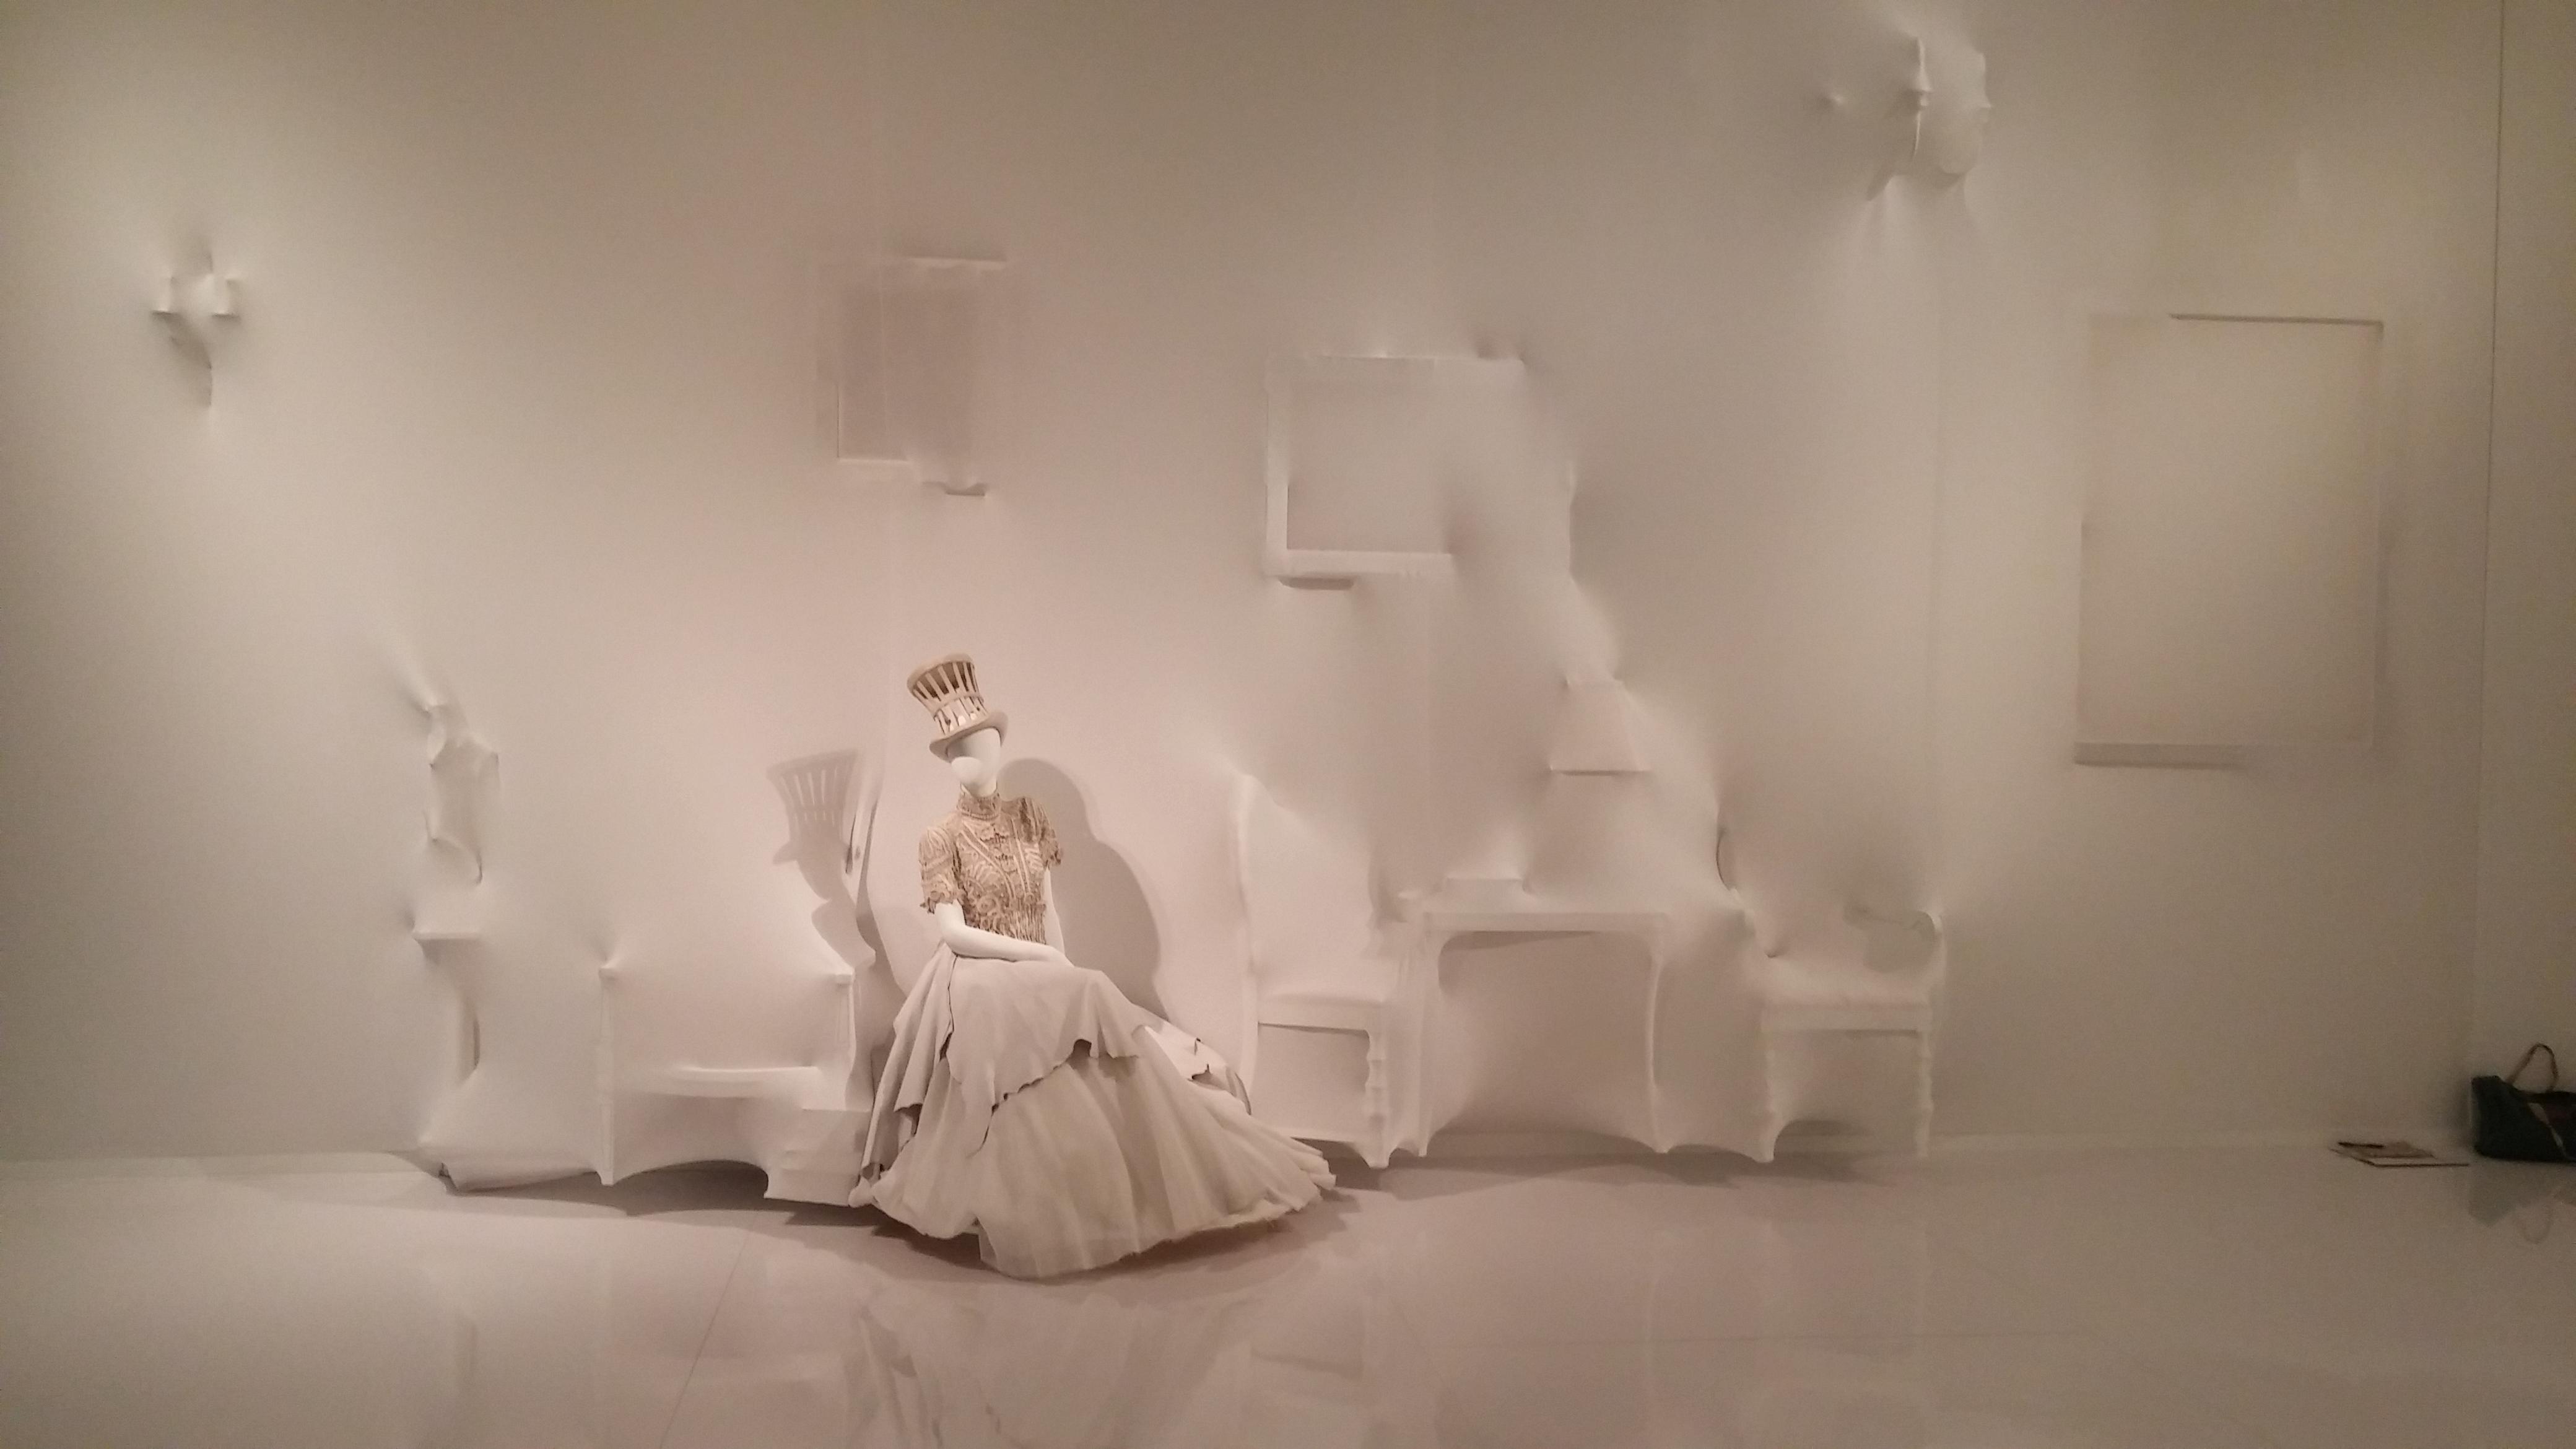 Retour sur: Love is Love, ou le mariage pour tous selon Jean Paul Gaultier